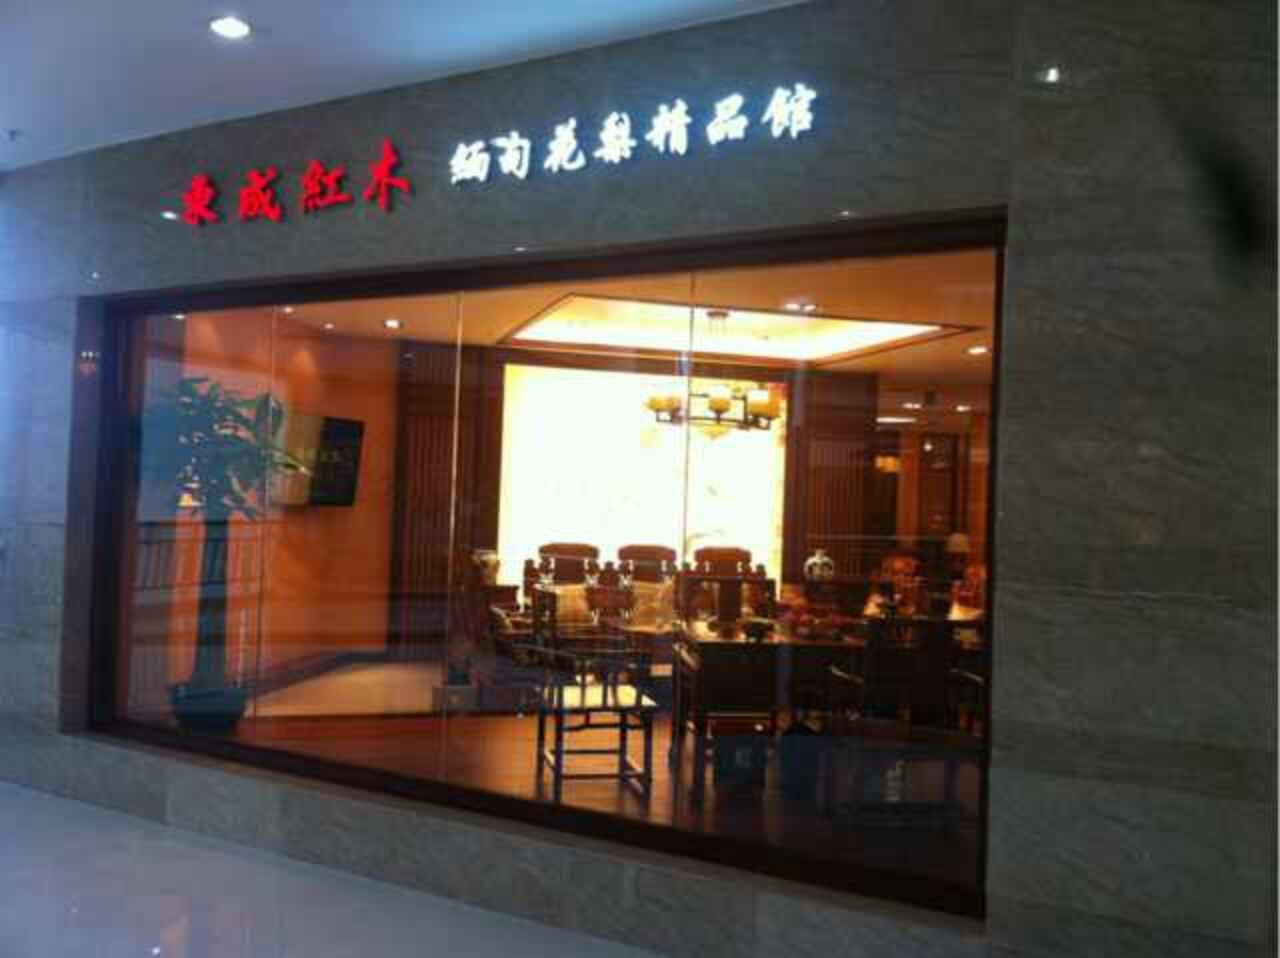 广州天河专卖店